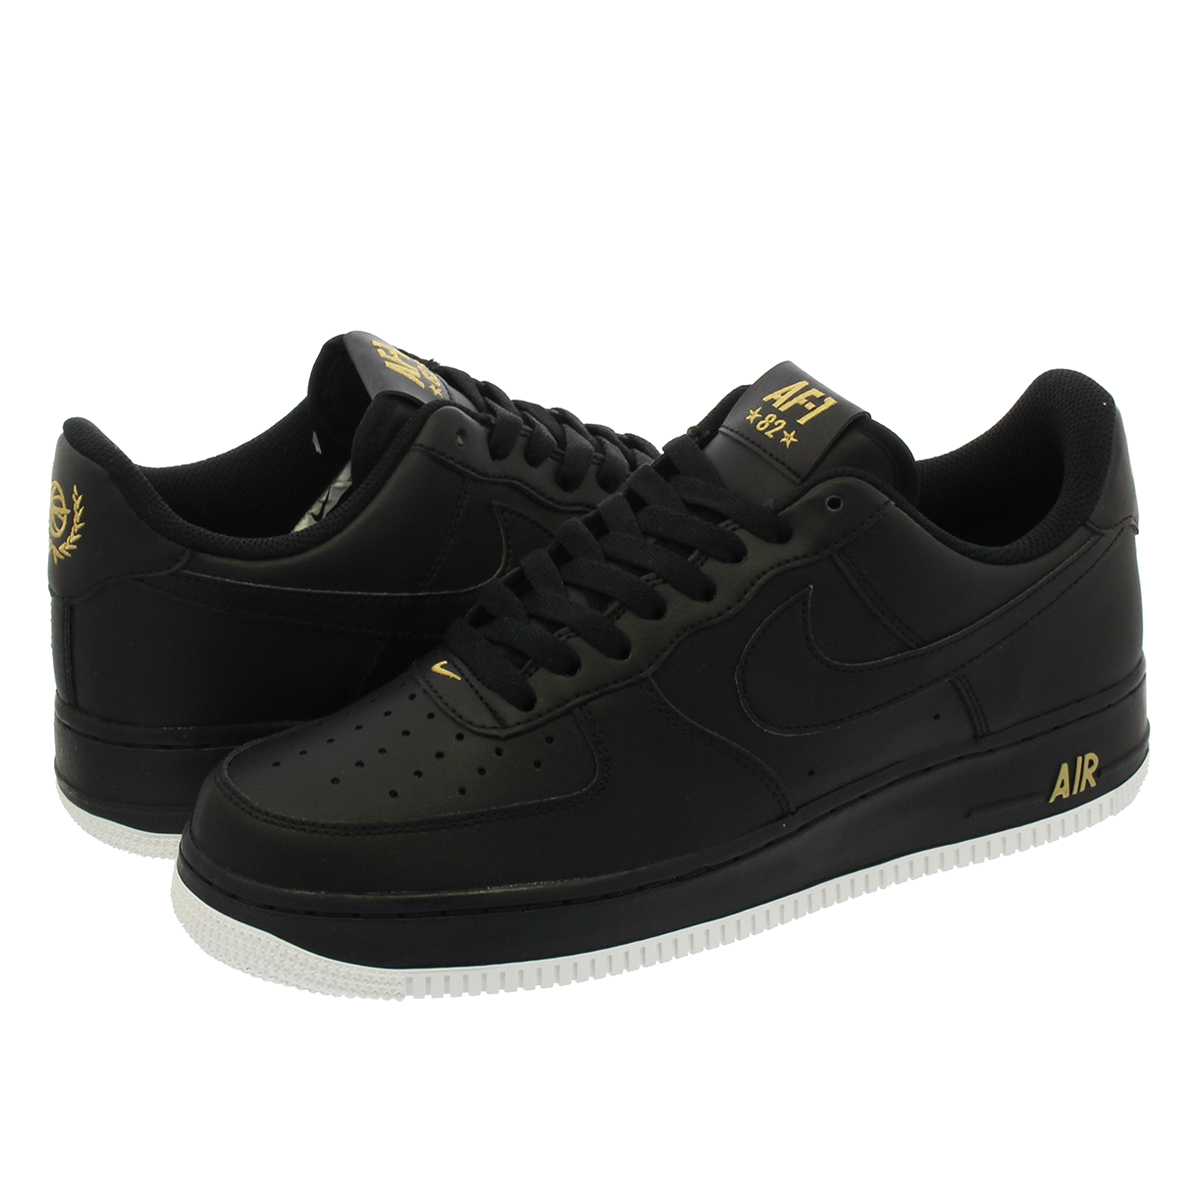 NIKE AIR FORCE 1 '07 Nike air force 1 '07 BLACKGOLDWHITE aa4083 014